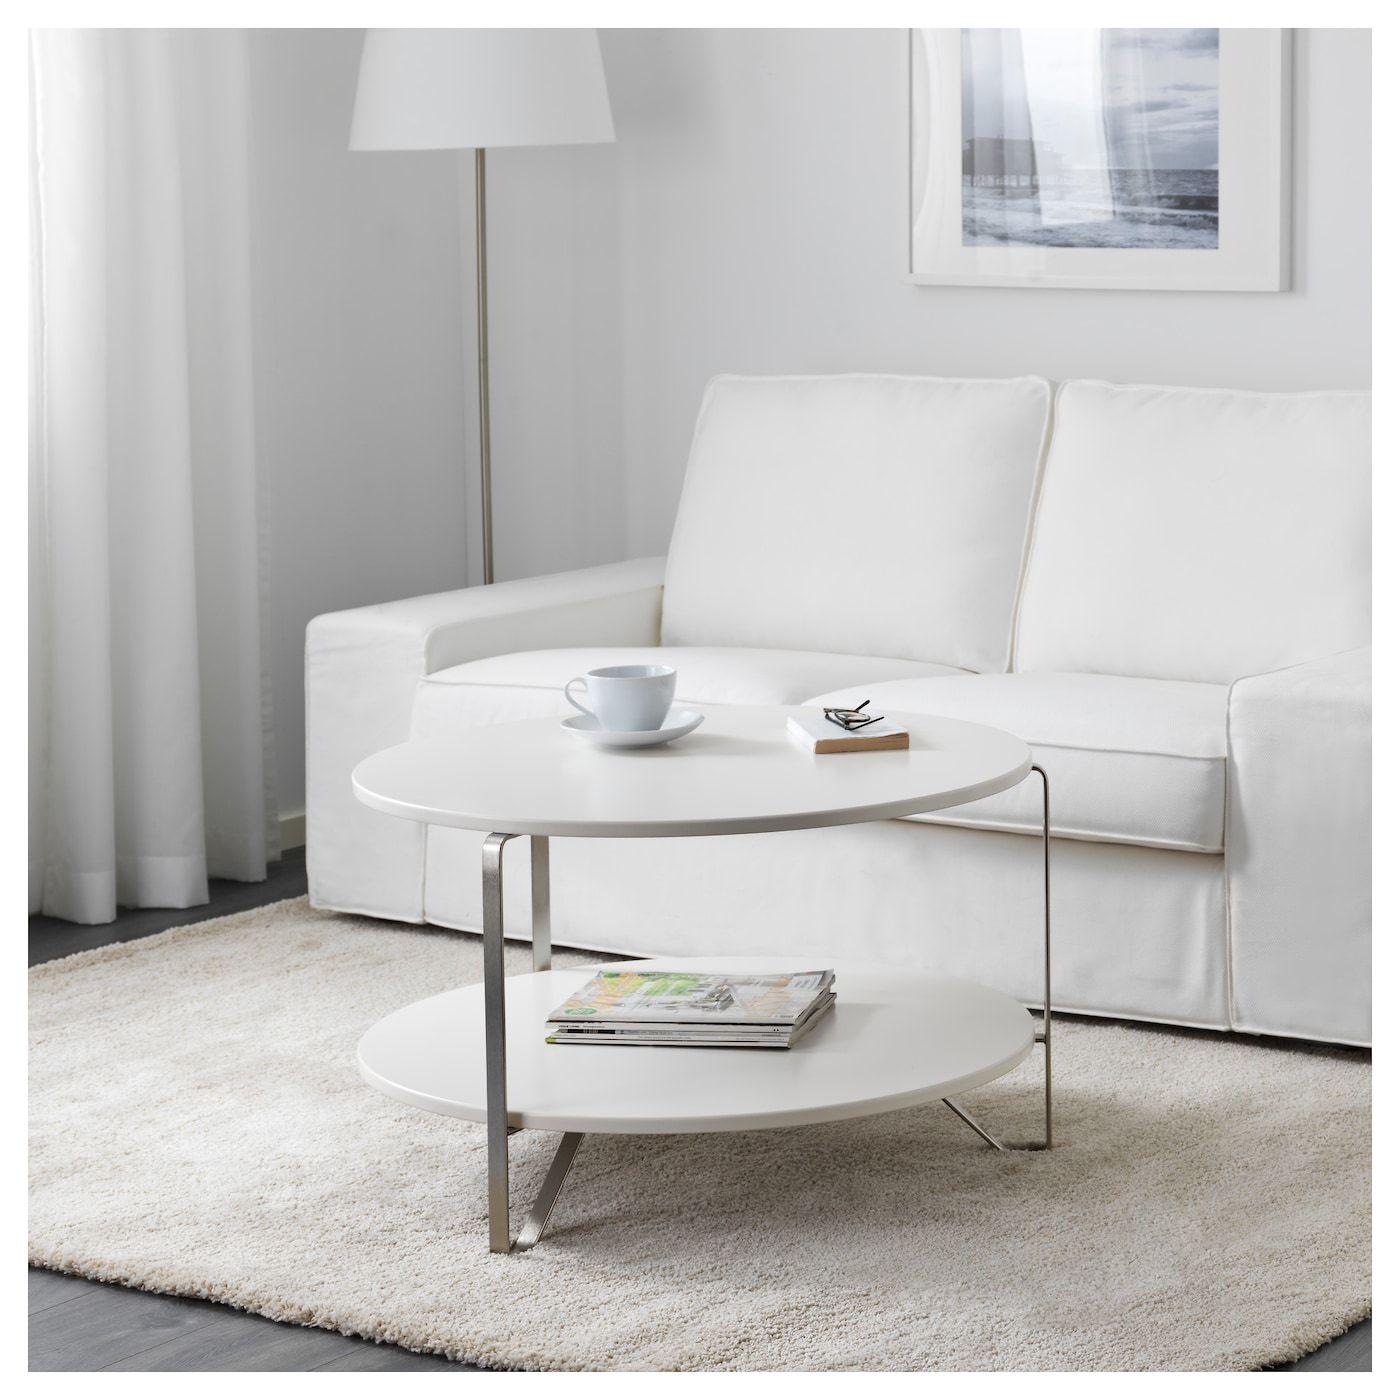 Https Www Ikea Com No No P Imfors Bord Hvit 40294289 Ikea Mobler Kaffebord Bordplater [ 1400 x 1400 Pixel ]